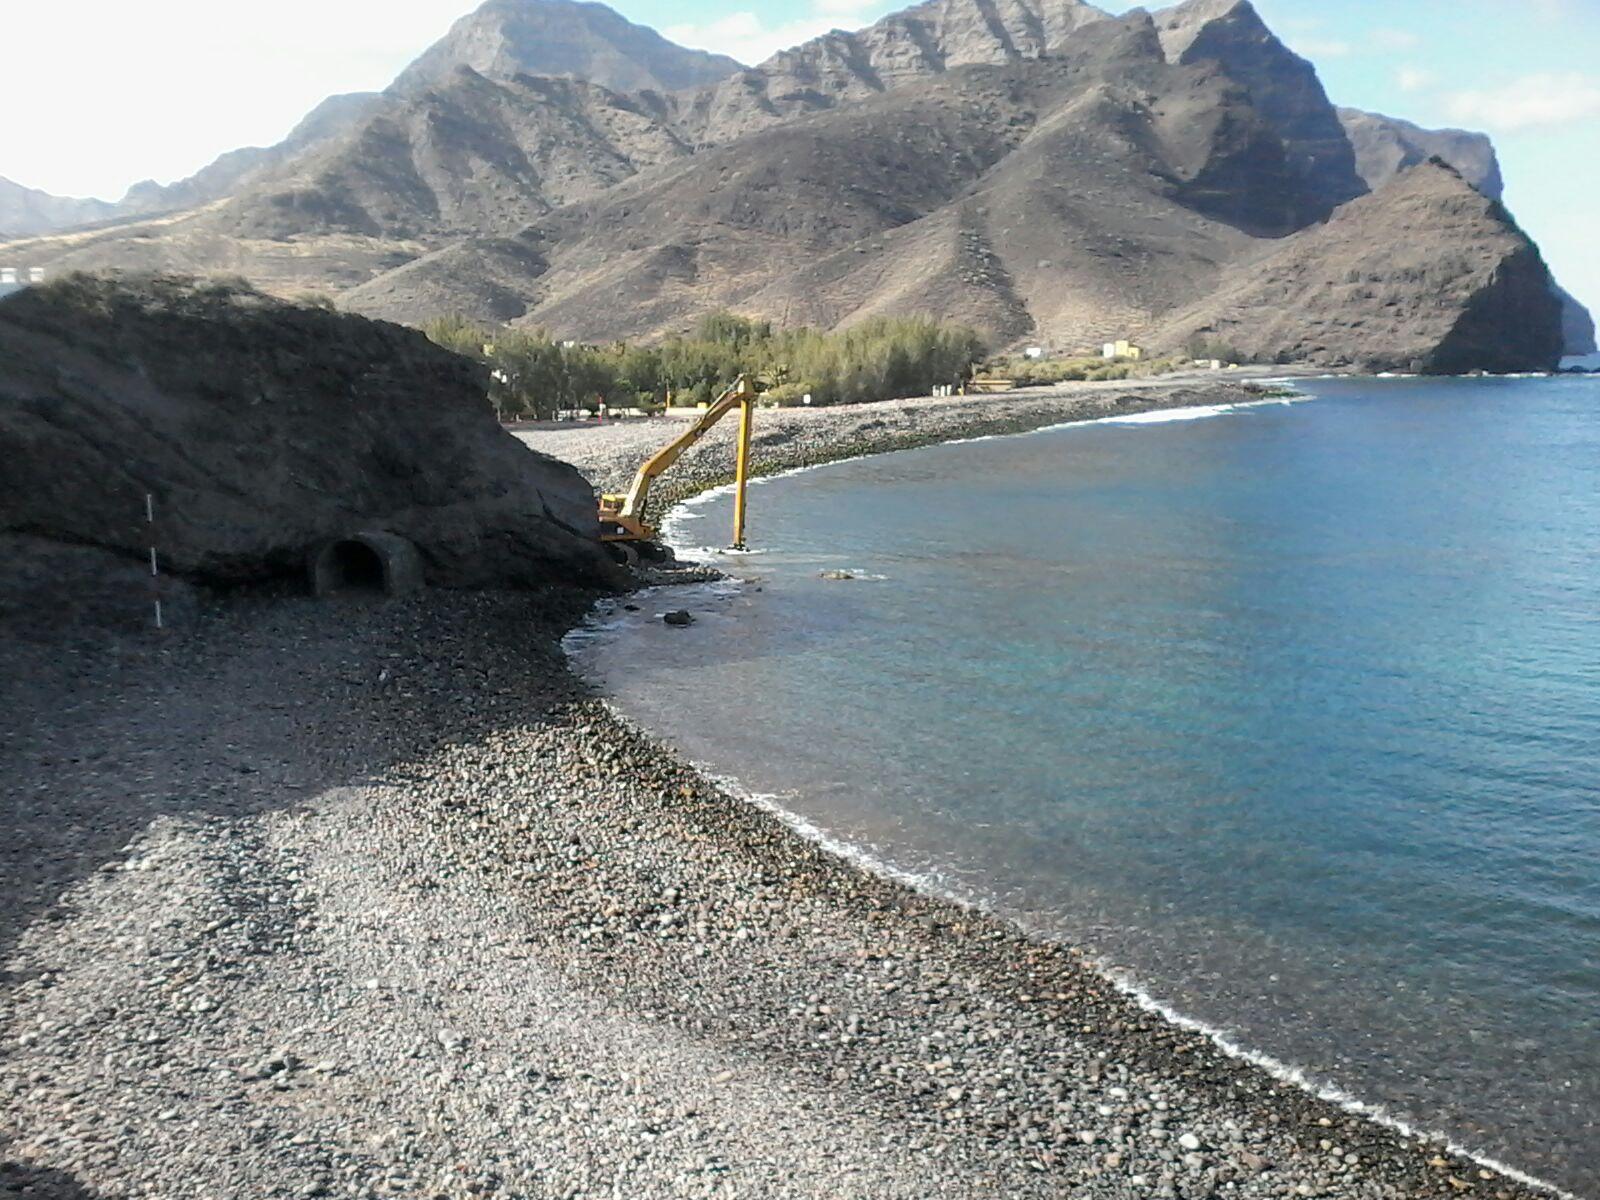 La concejalía de Playas habilita las zonas de baño de La Aldea de cara al verano